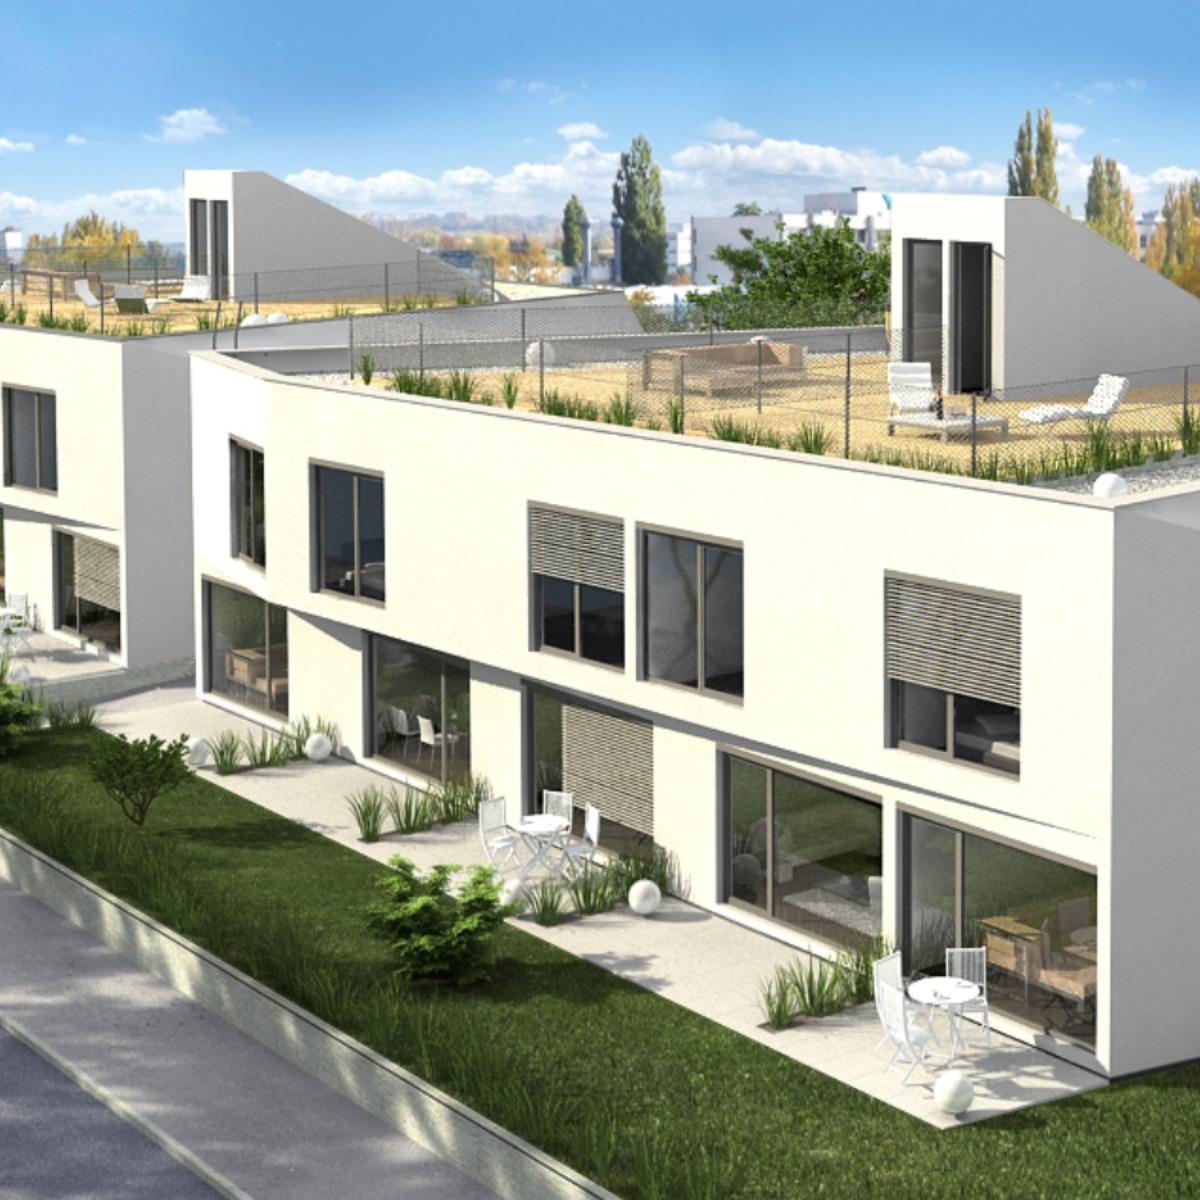 Wohnbauprojekt in Liesing/Mauer